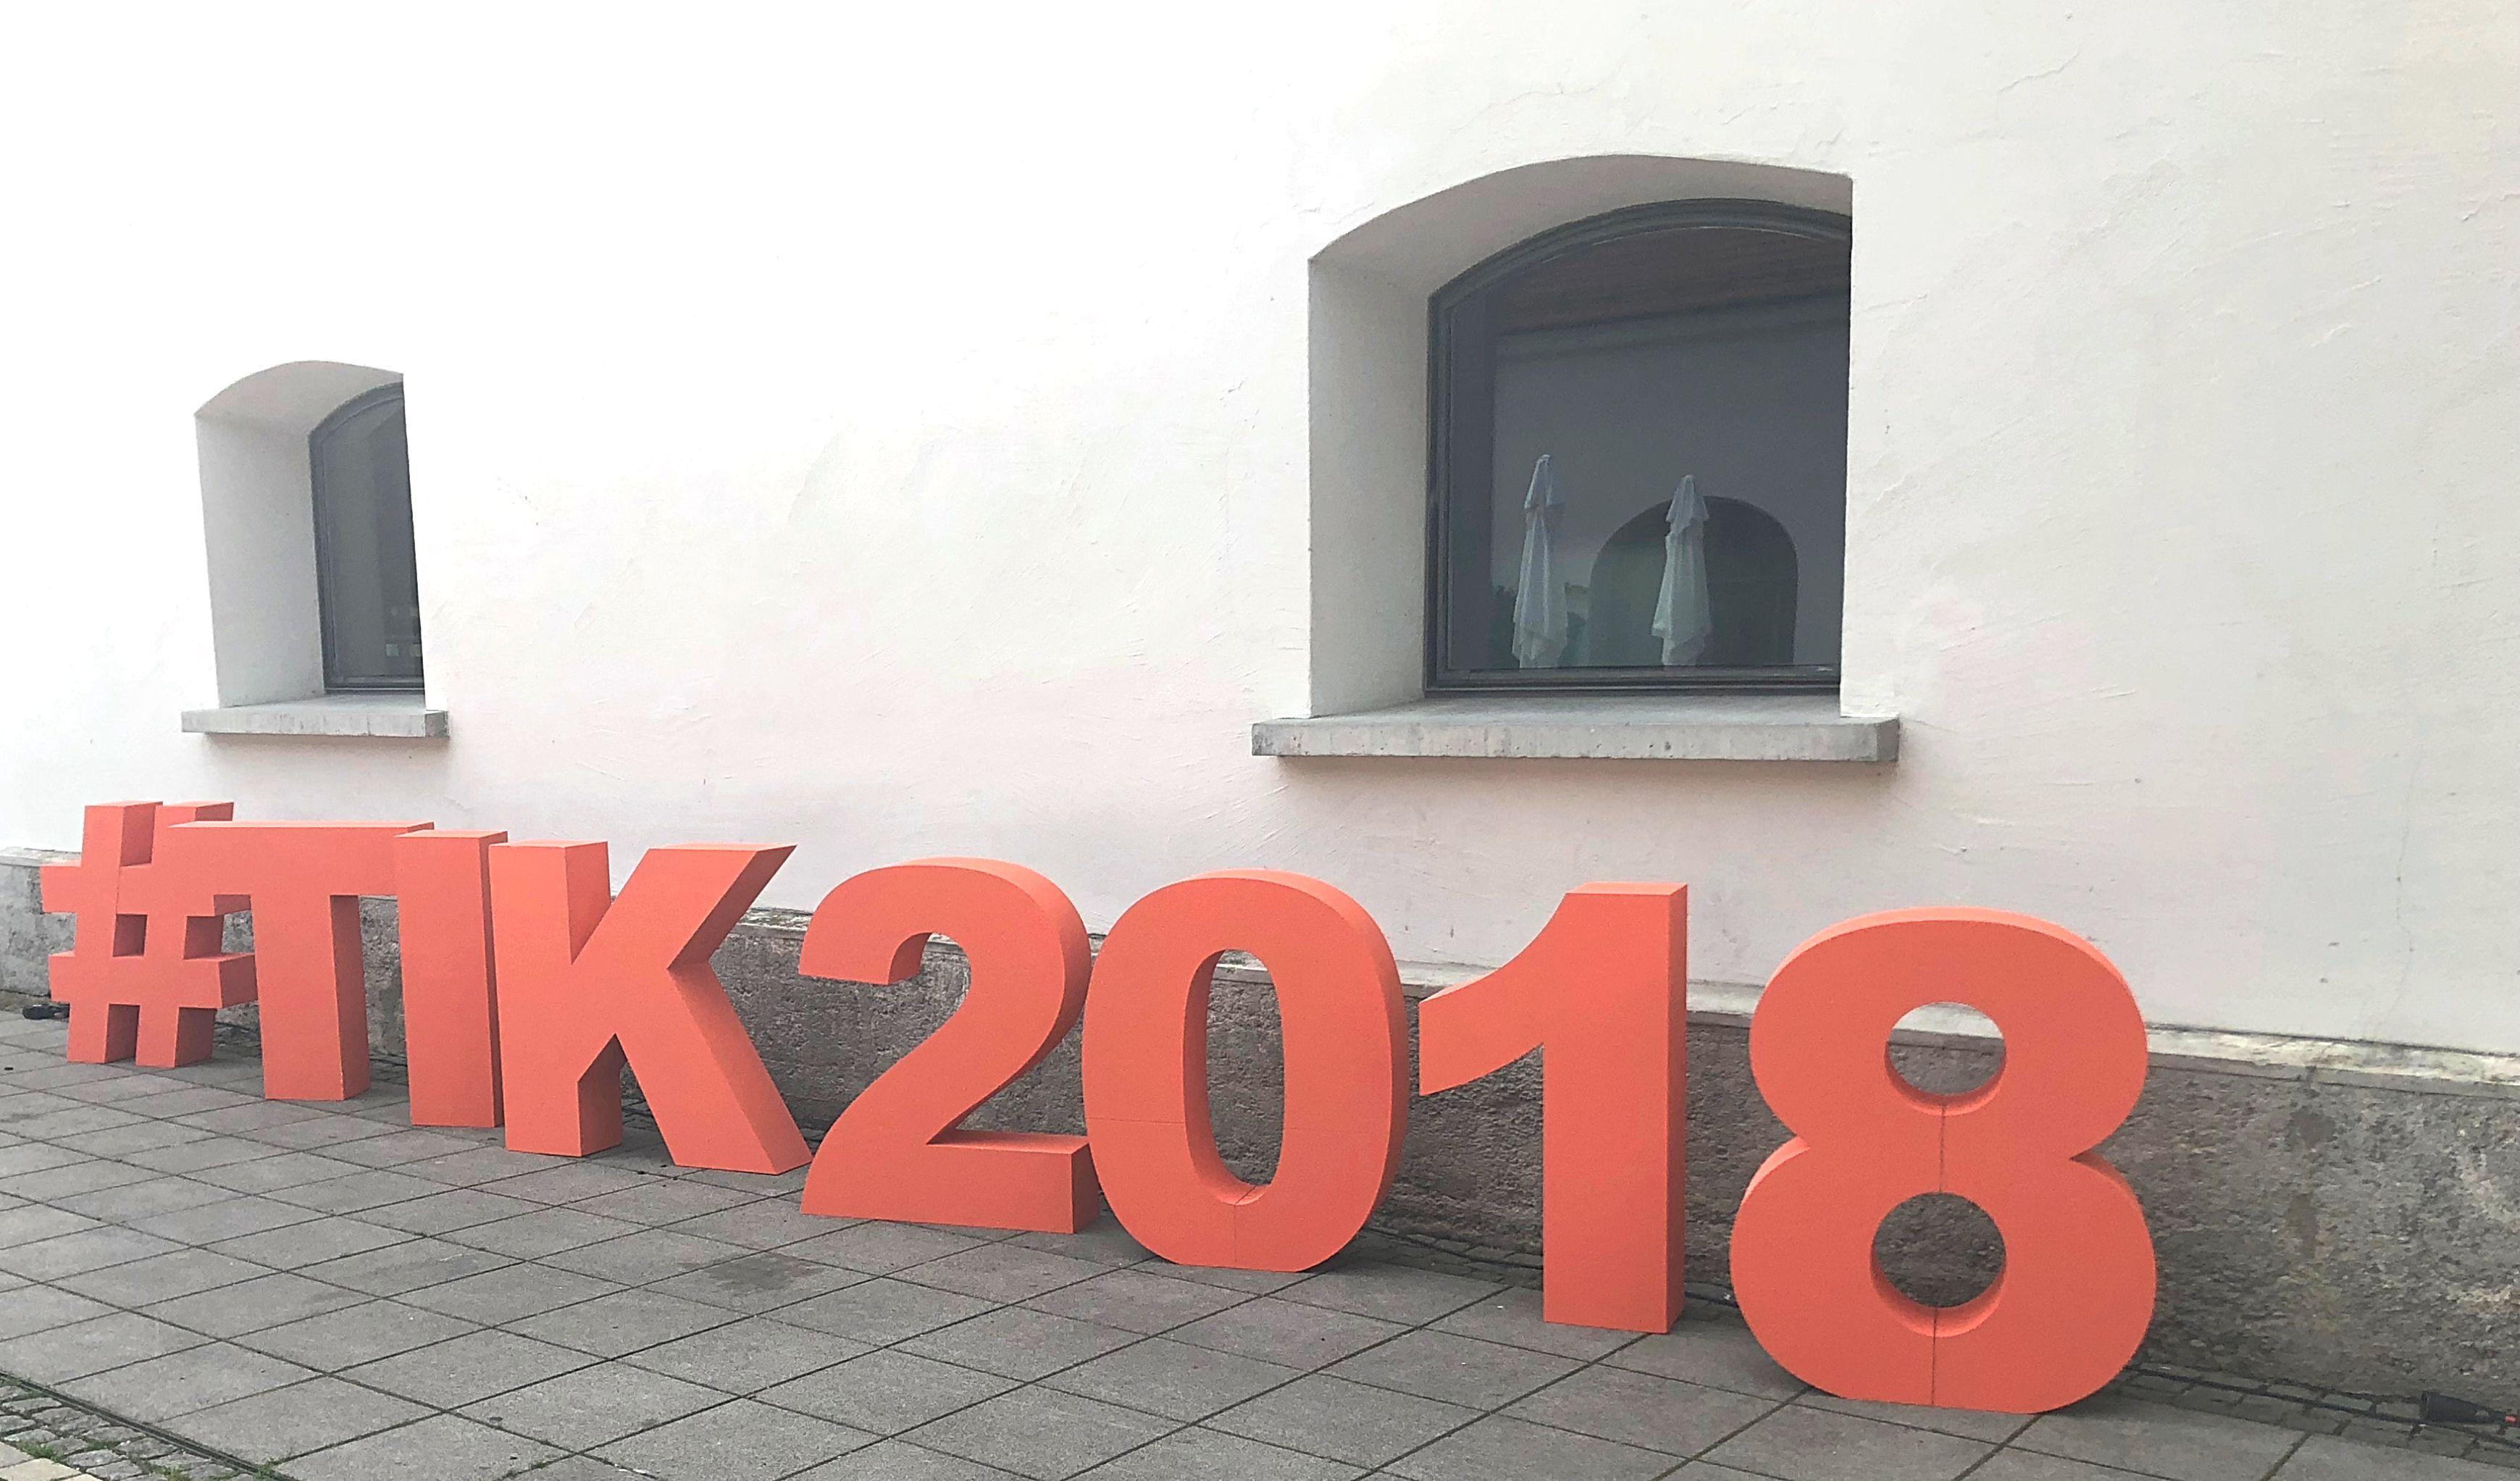 B2B Kommunikation, TIK 2018, B2B Kommunikation, Tag der Industriekommunikation 2018